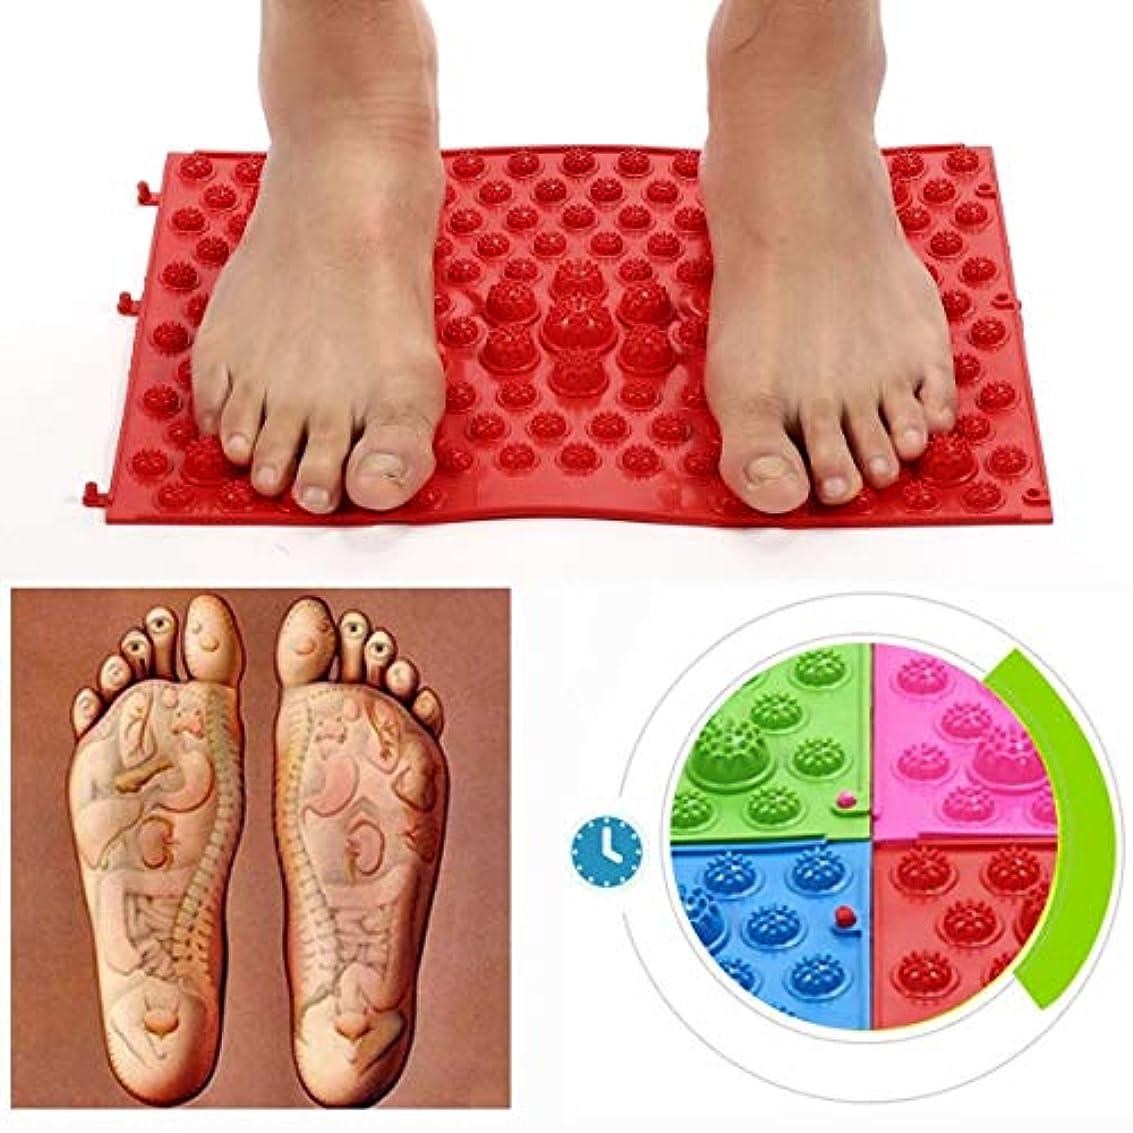 北西料理メイトAcupressure Foot Mats Running Man Game Same Type Foot Reflexology Walking Massage Mat for Pain Relief Stress Relief...